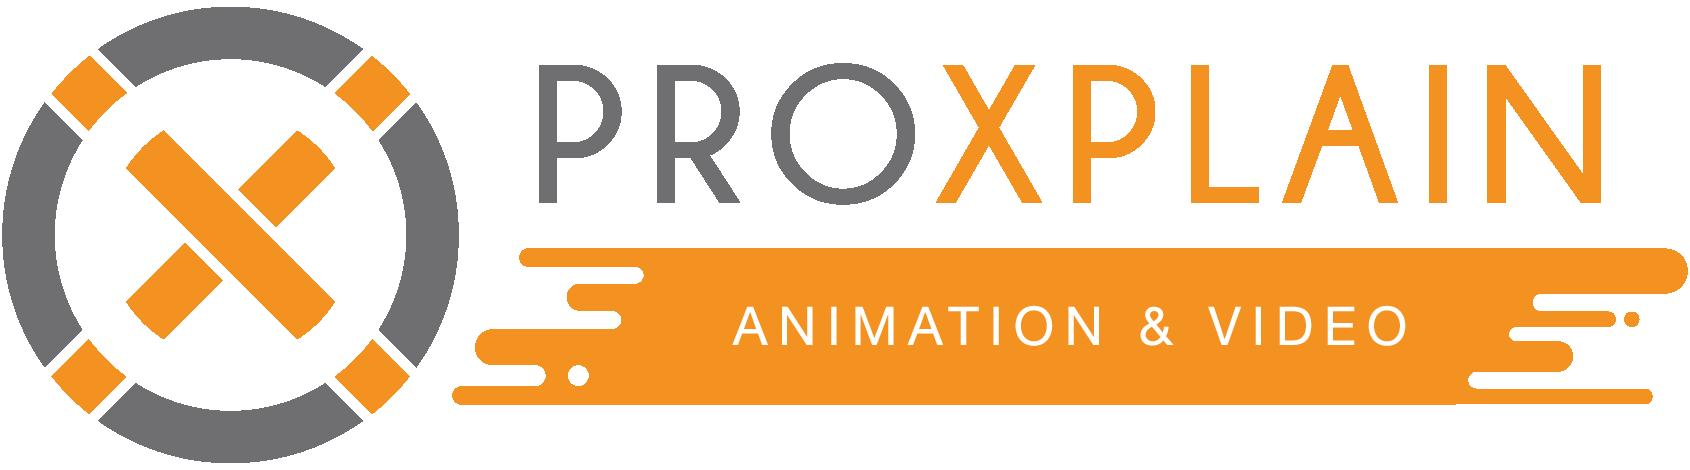 ProXplain